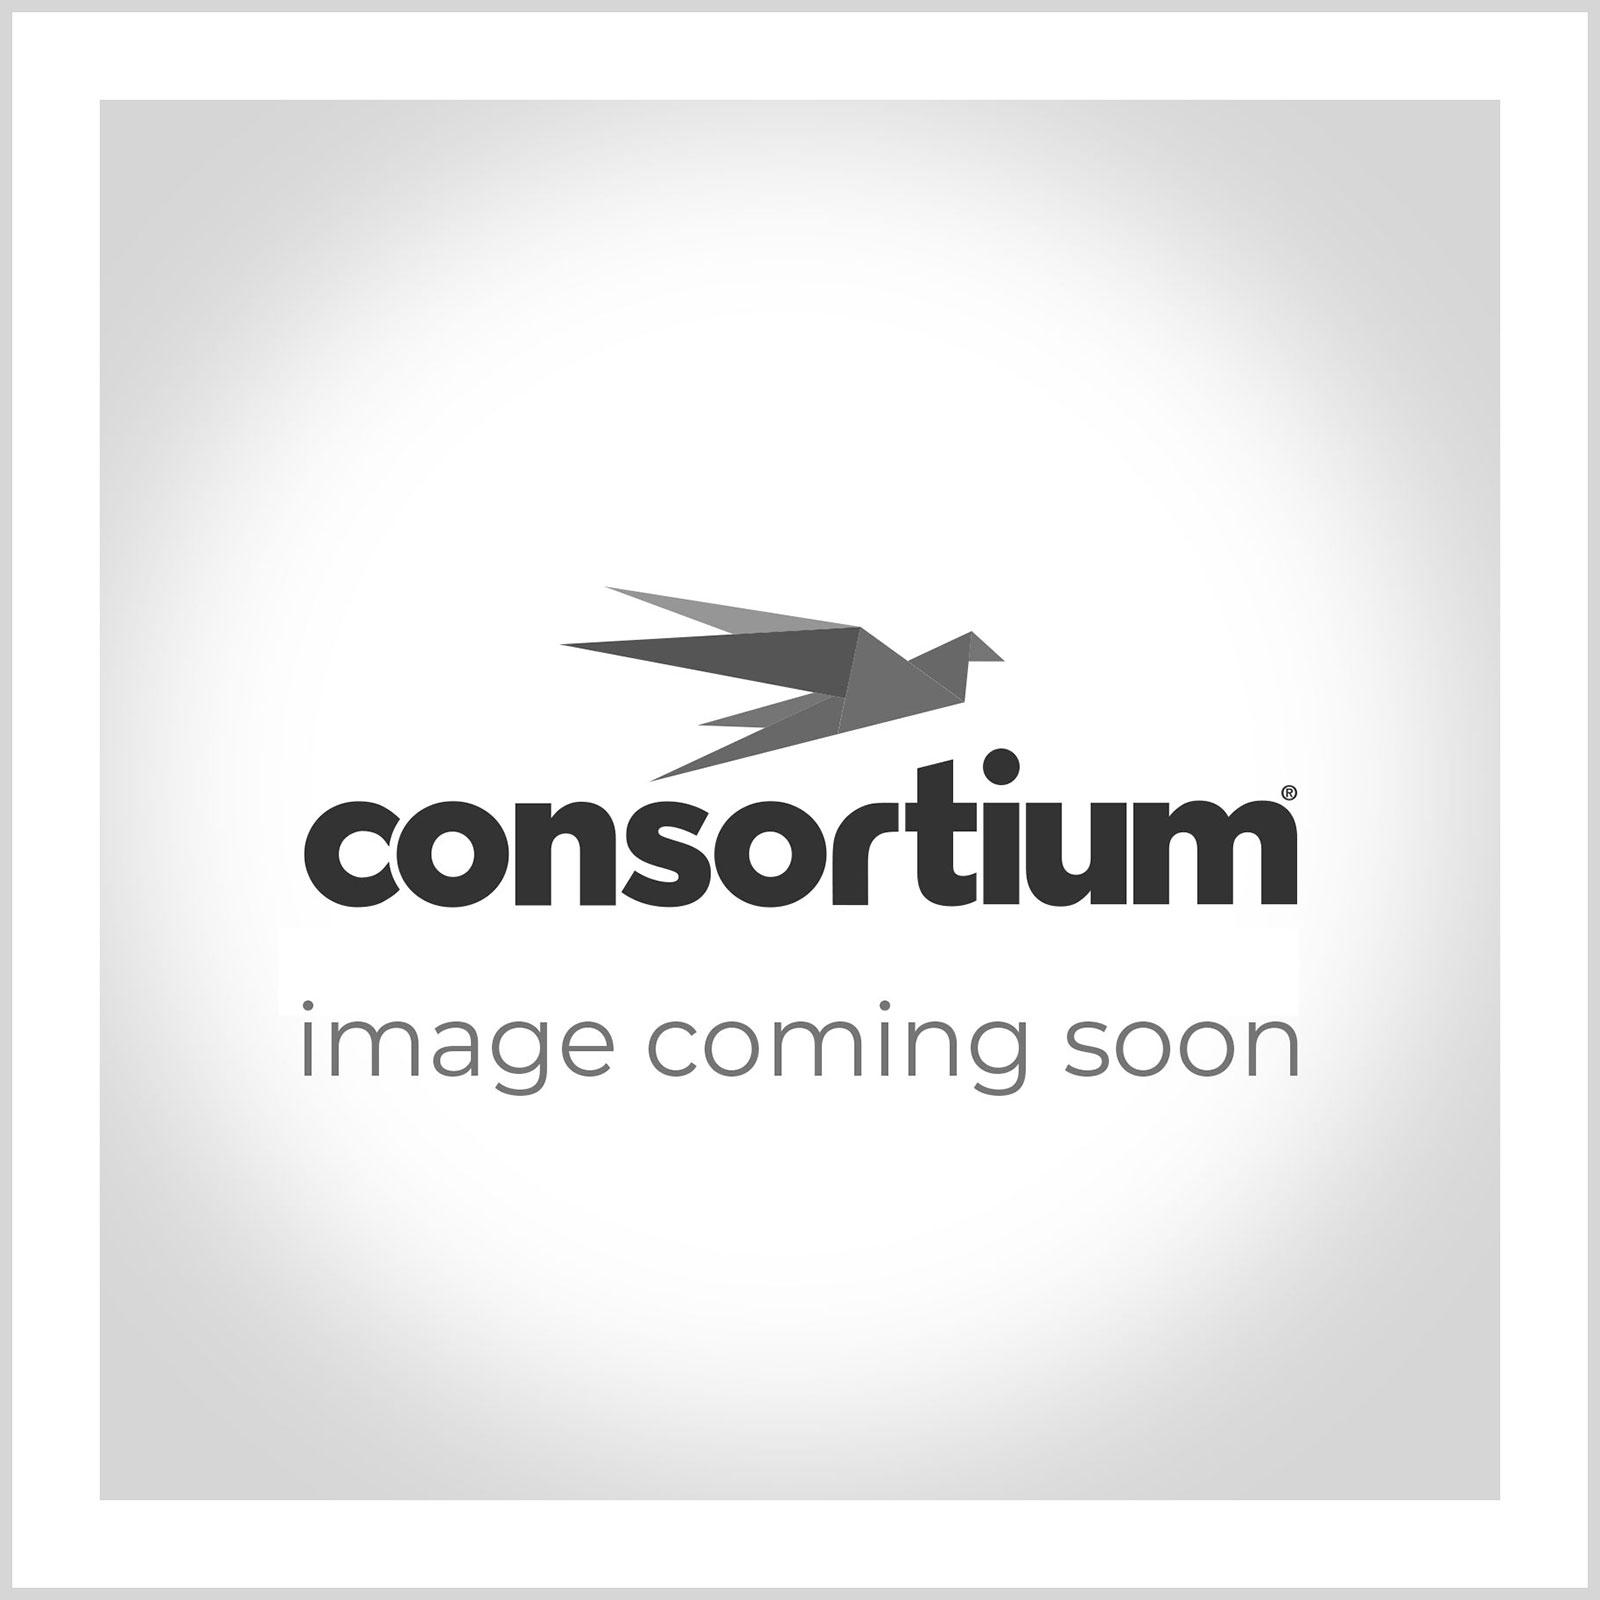 Tray Storage - 3 Columns